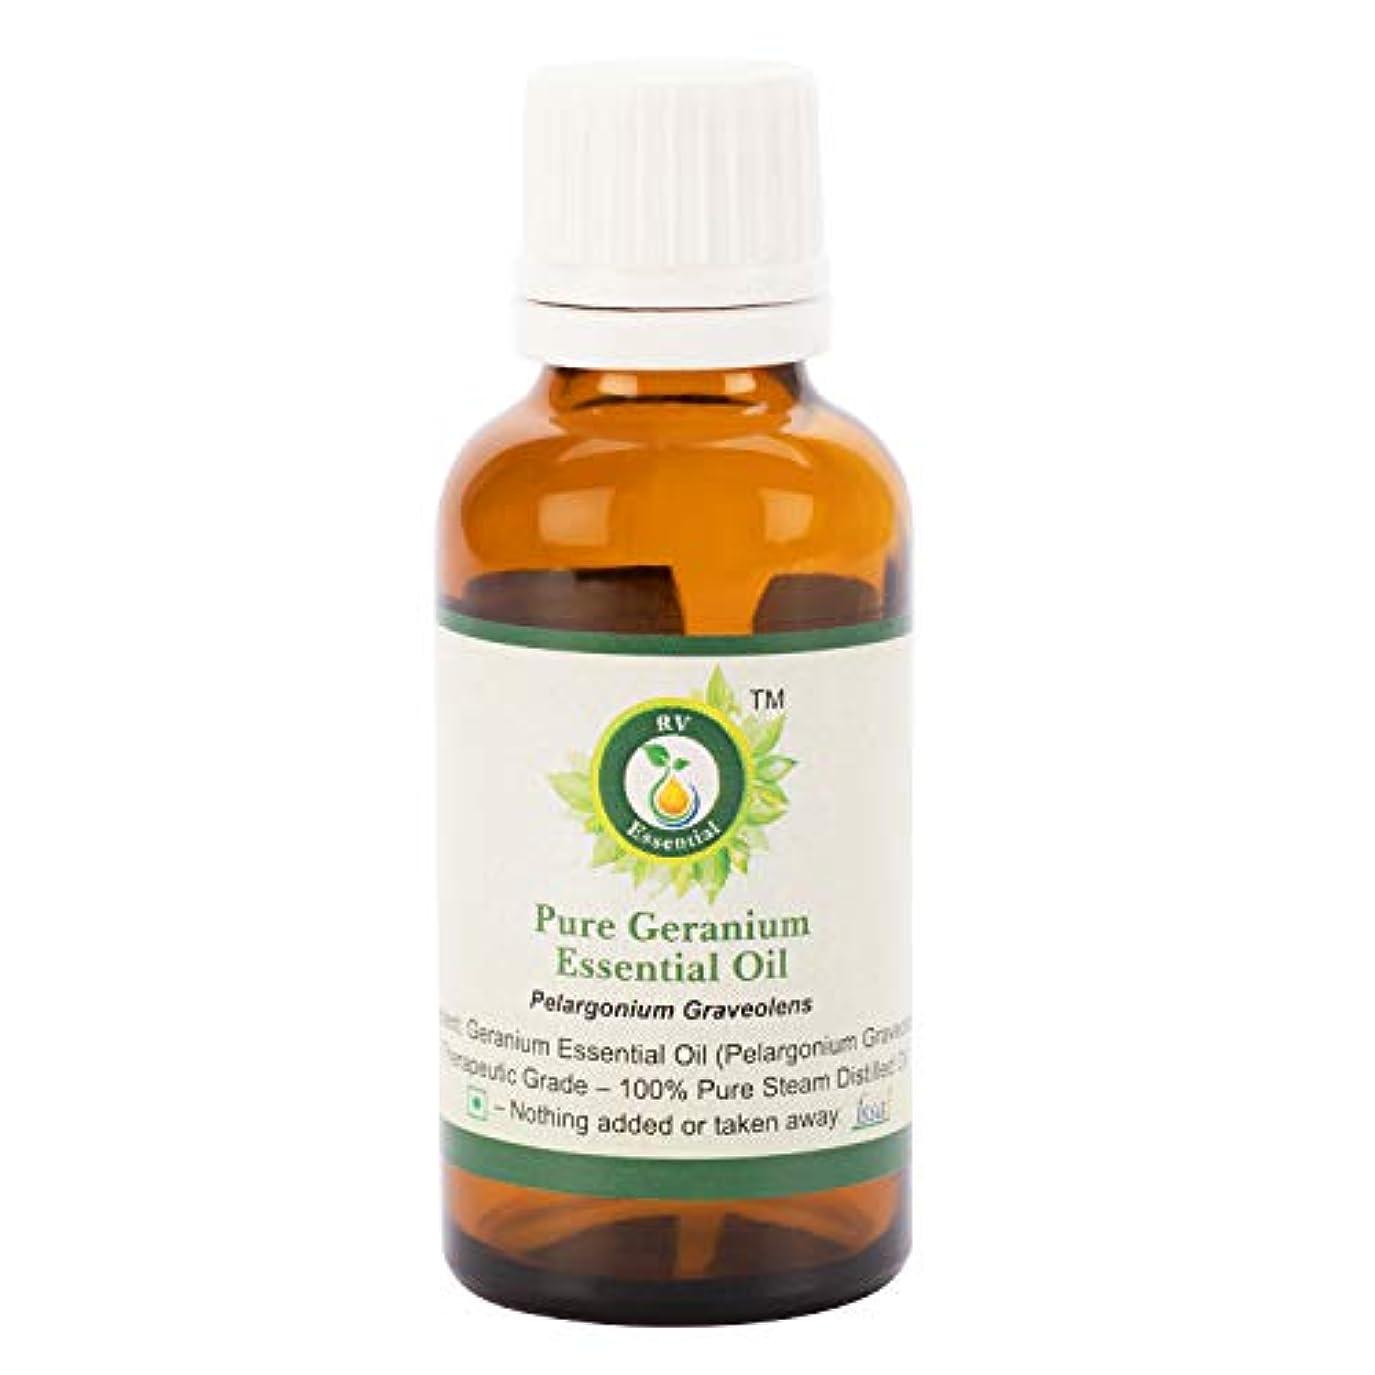 ピラミッド医療過誤覚えているピュアゼラニウムエッセンシャルオイル300ml (10oz)- Pelargonium Graveolens (100%純粋&天然スチームDistilled) Pure Geranium Essential Oil